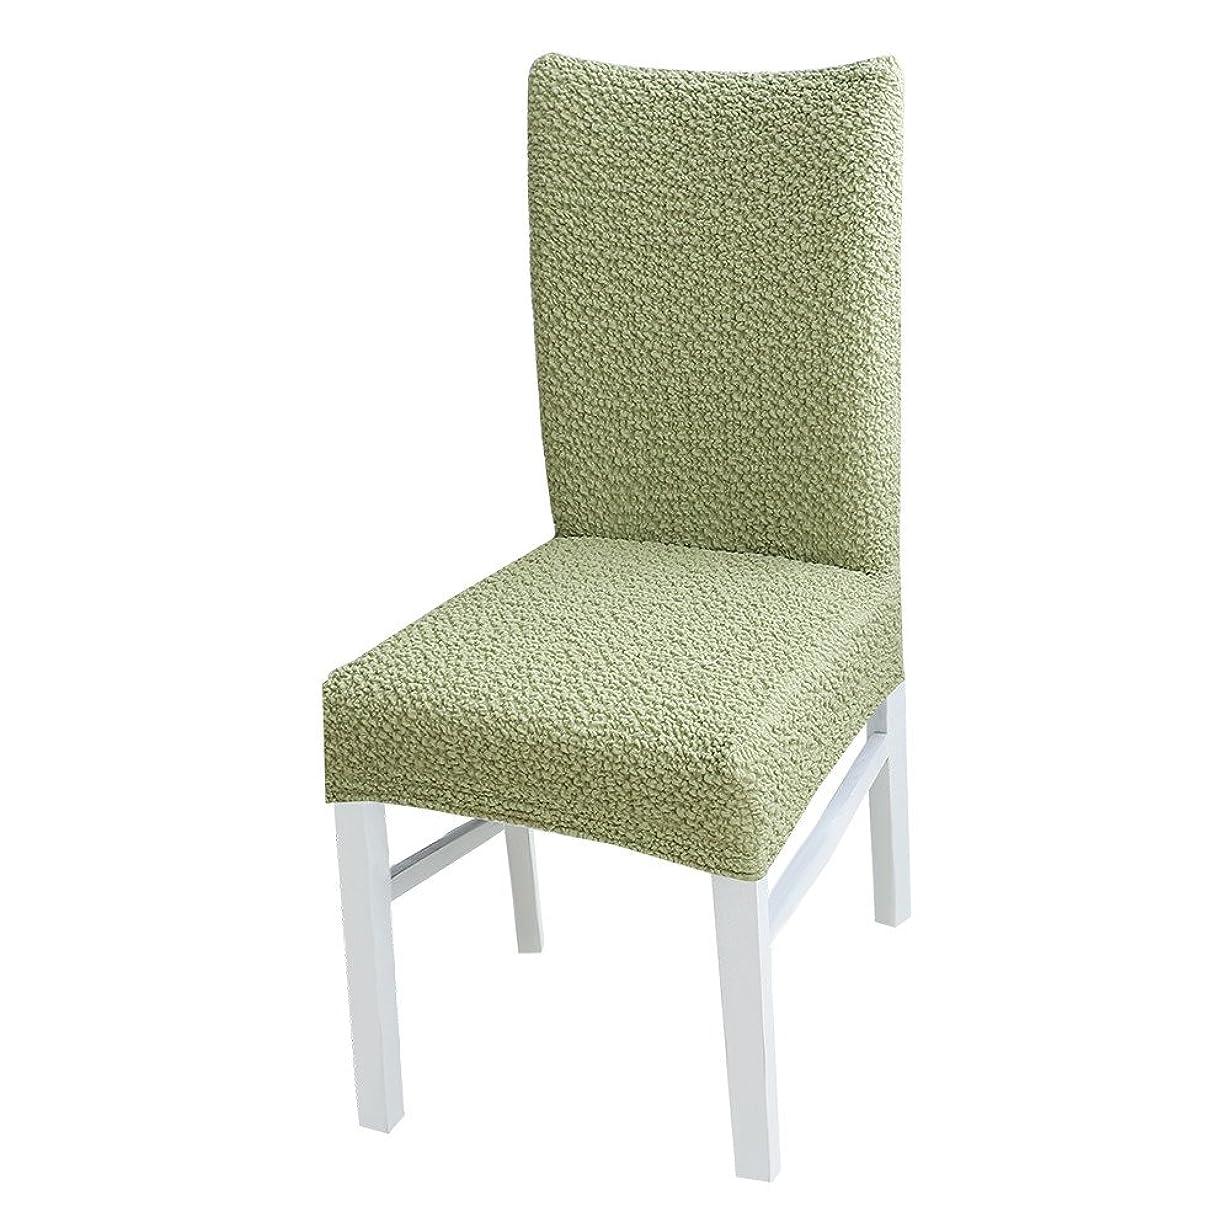 ドナウ川クモ致命的なトータス 洗える 座椅子カバー ロングタイプ ポケット付き 約54×188cm